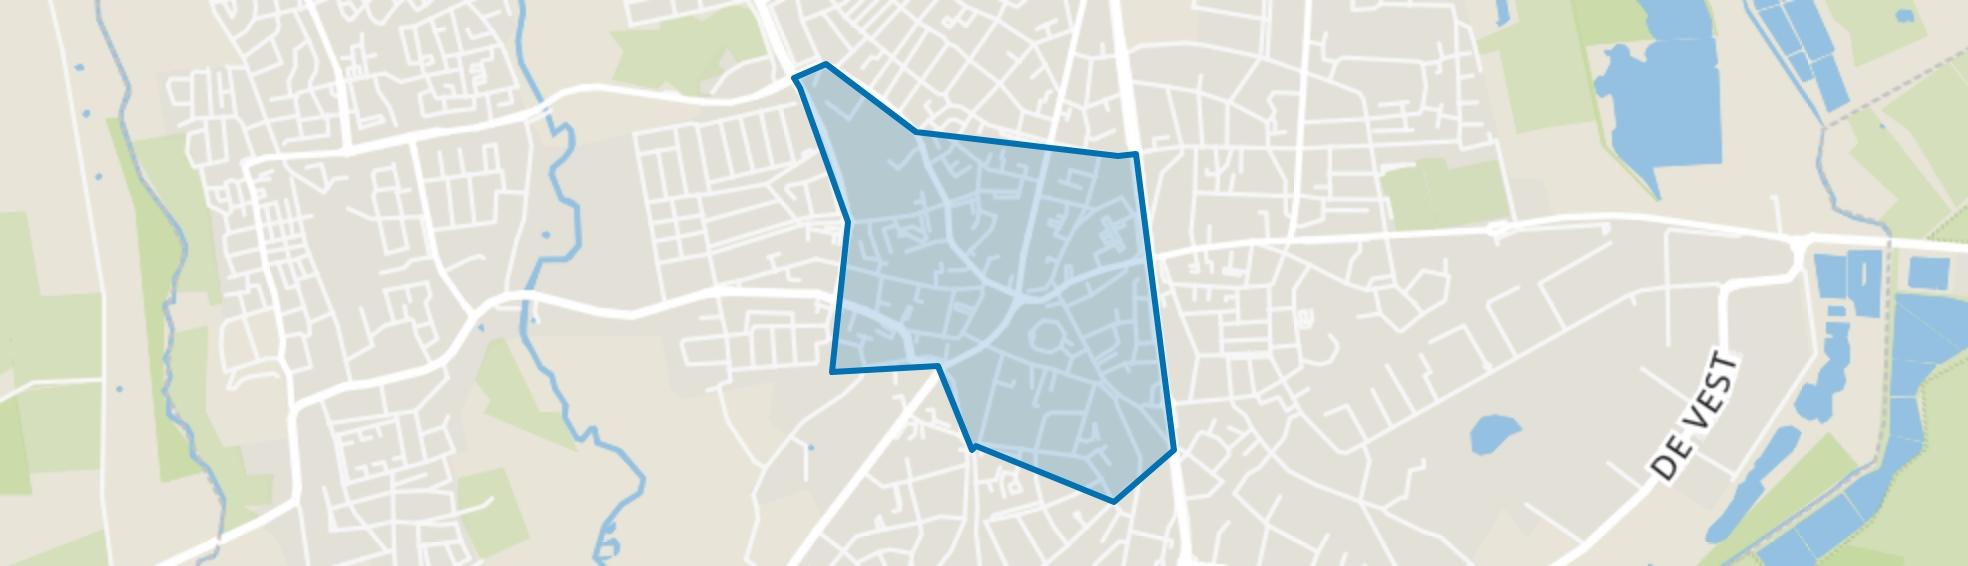 Centrum, Valkenswaard map